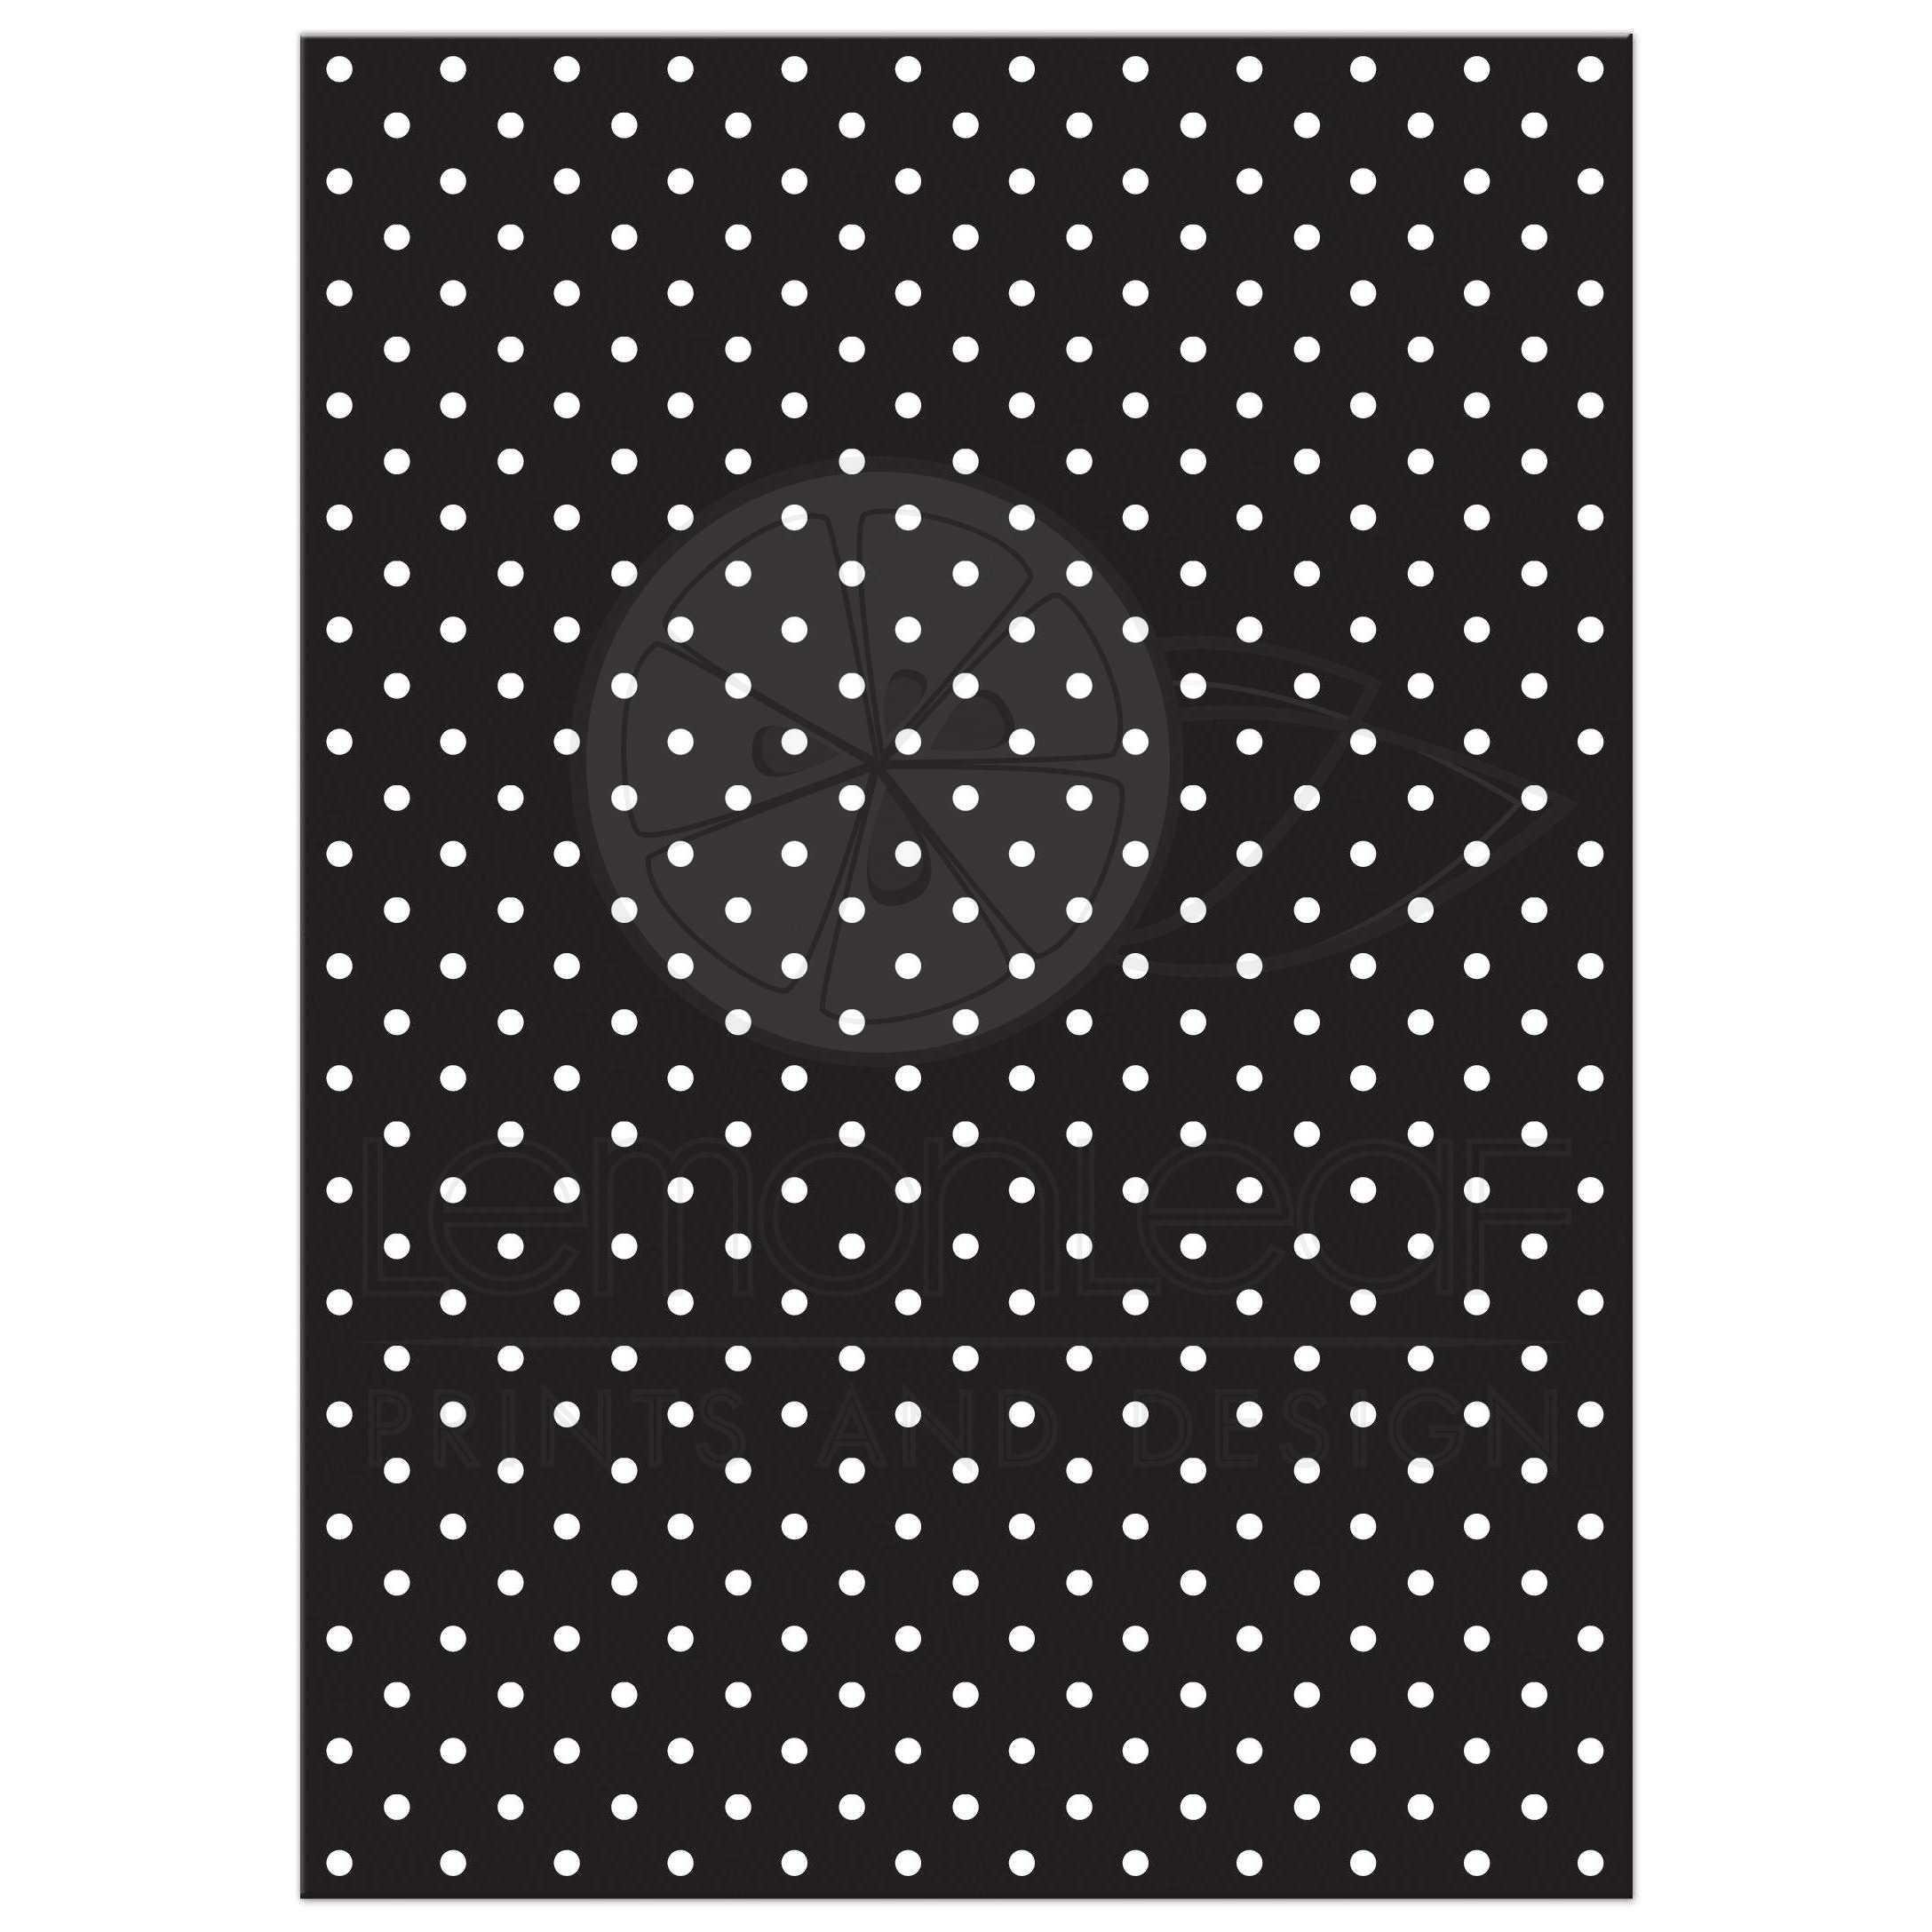 Super Wedding Invitation Retro 50s Black White Polka Dot GF65